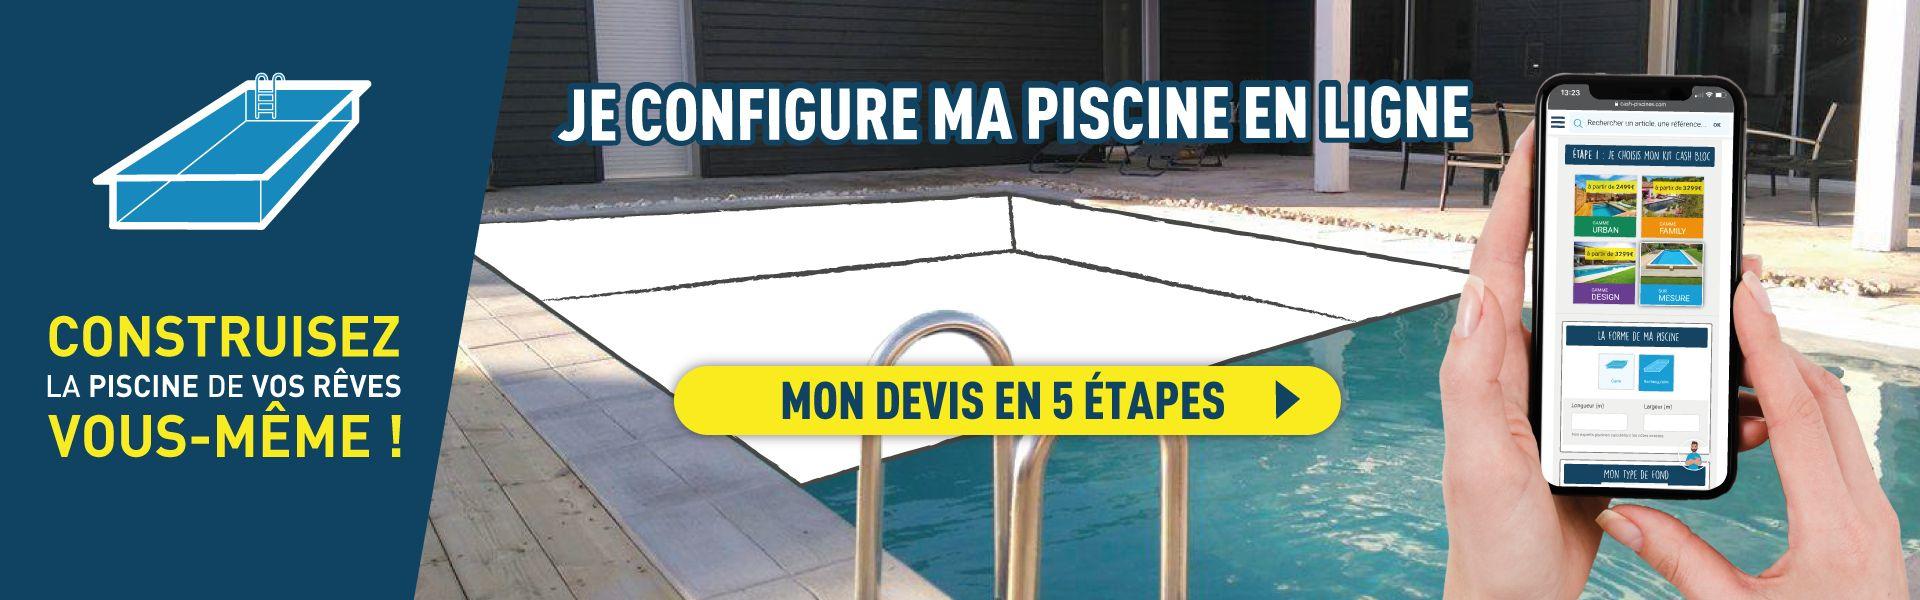 Cash Piscines - Tout Pour La Piscine & Spas Gonflables ... concernant Cash Piscine Avignon